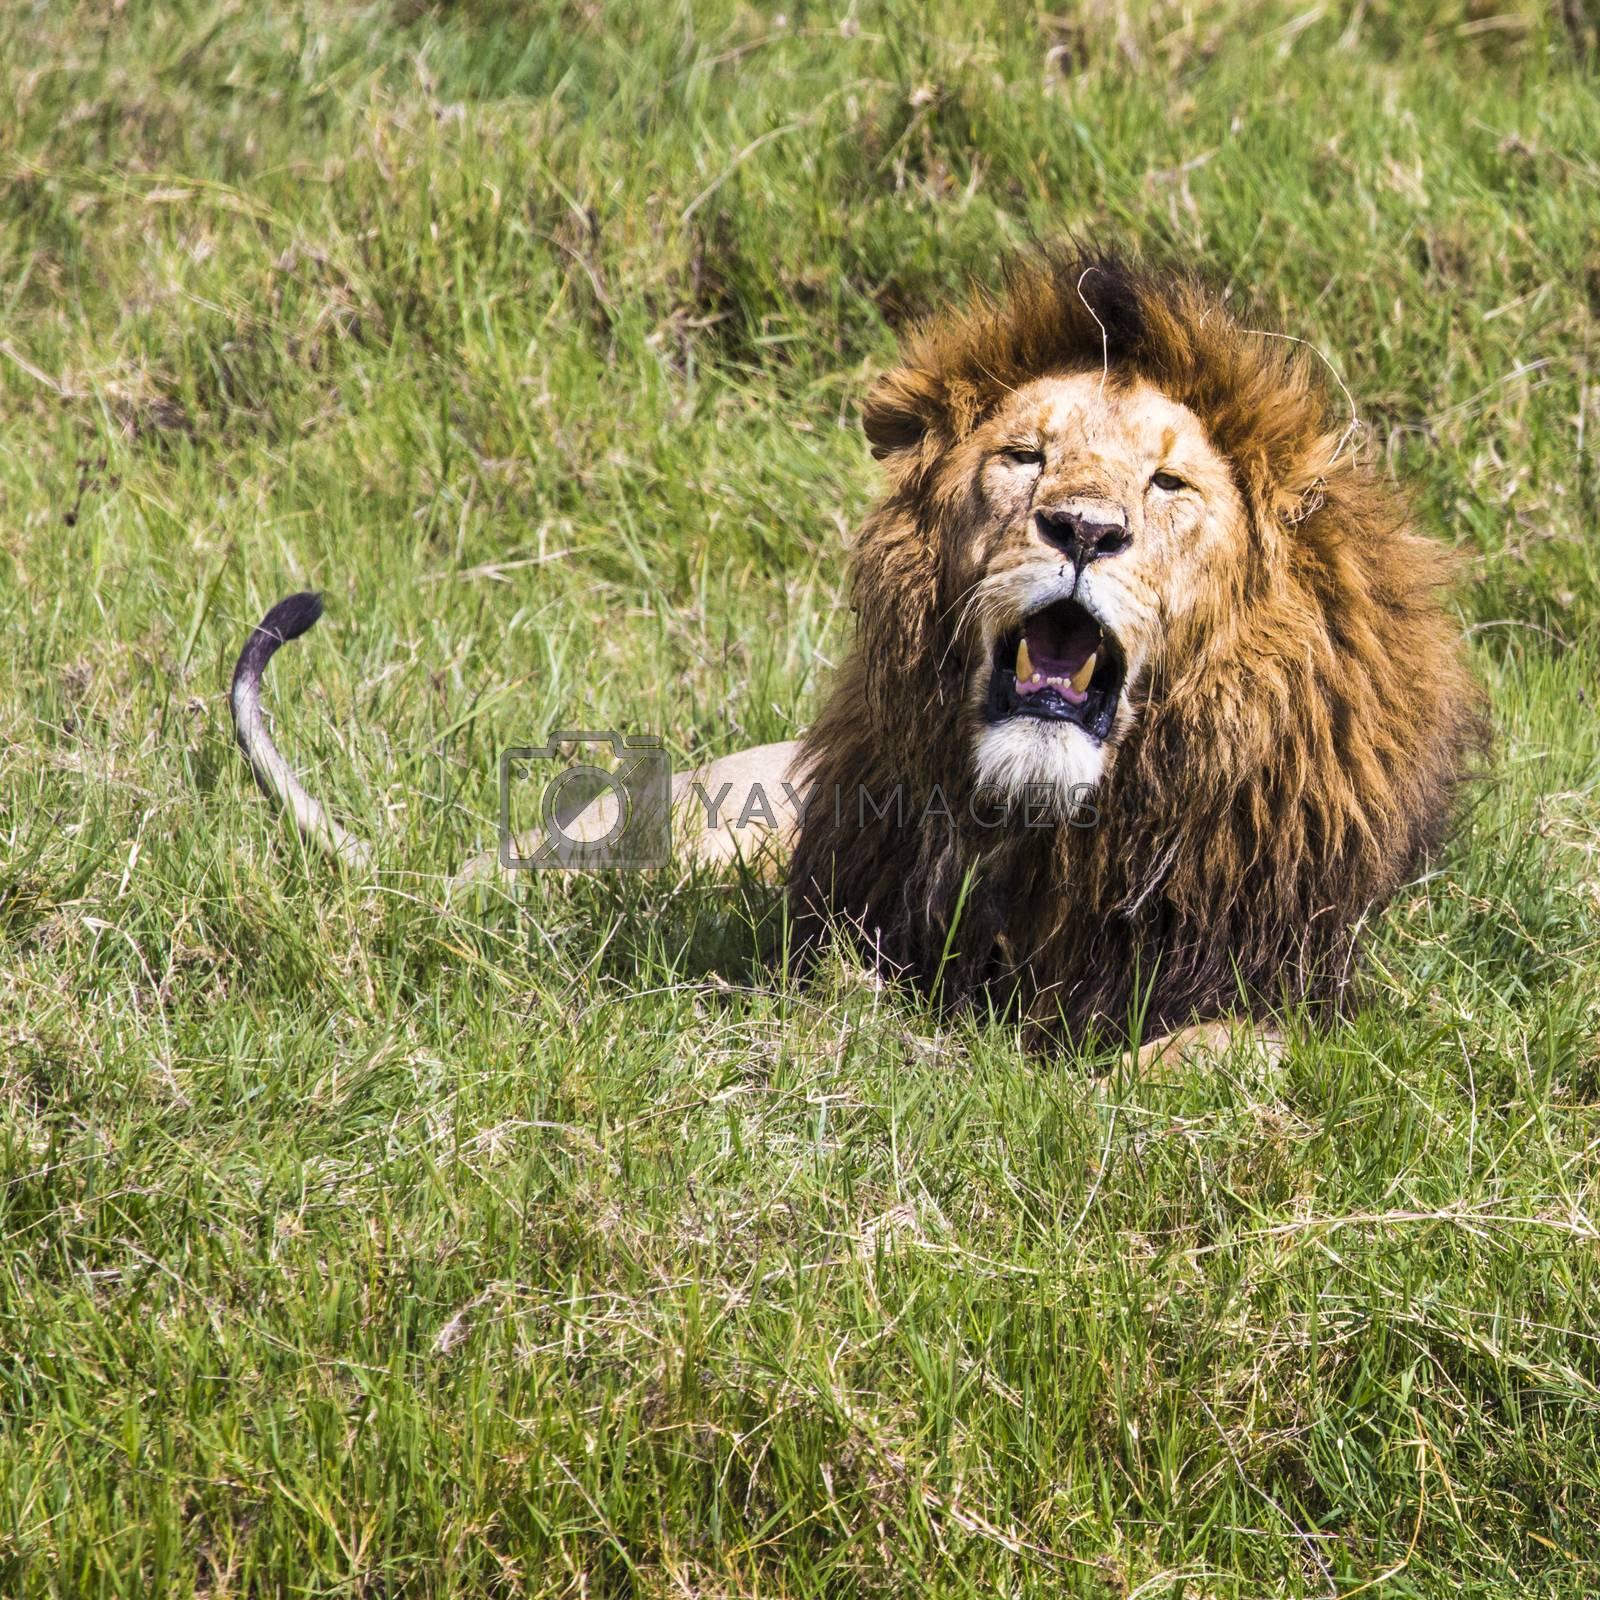 Big Lion showing his dangerous teeth in Masai Mara, Kenya.